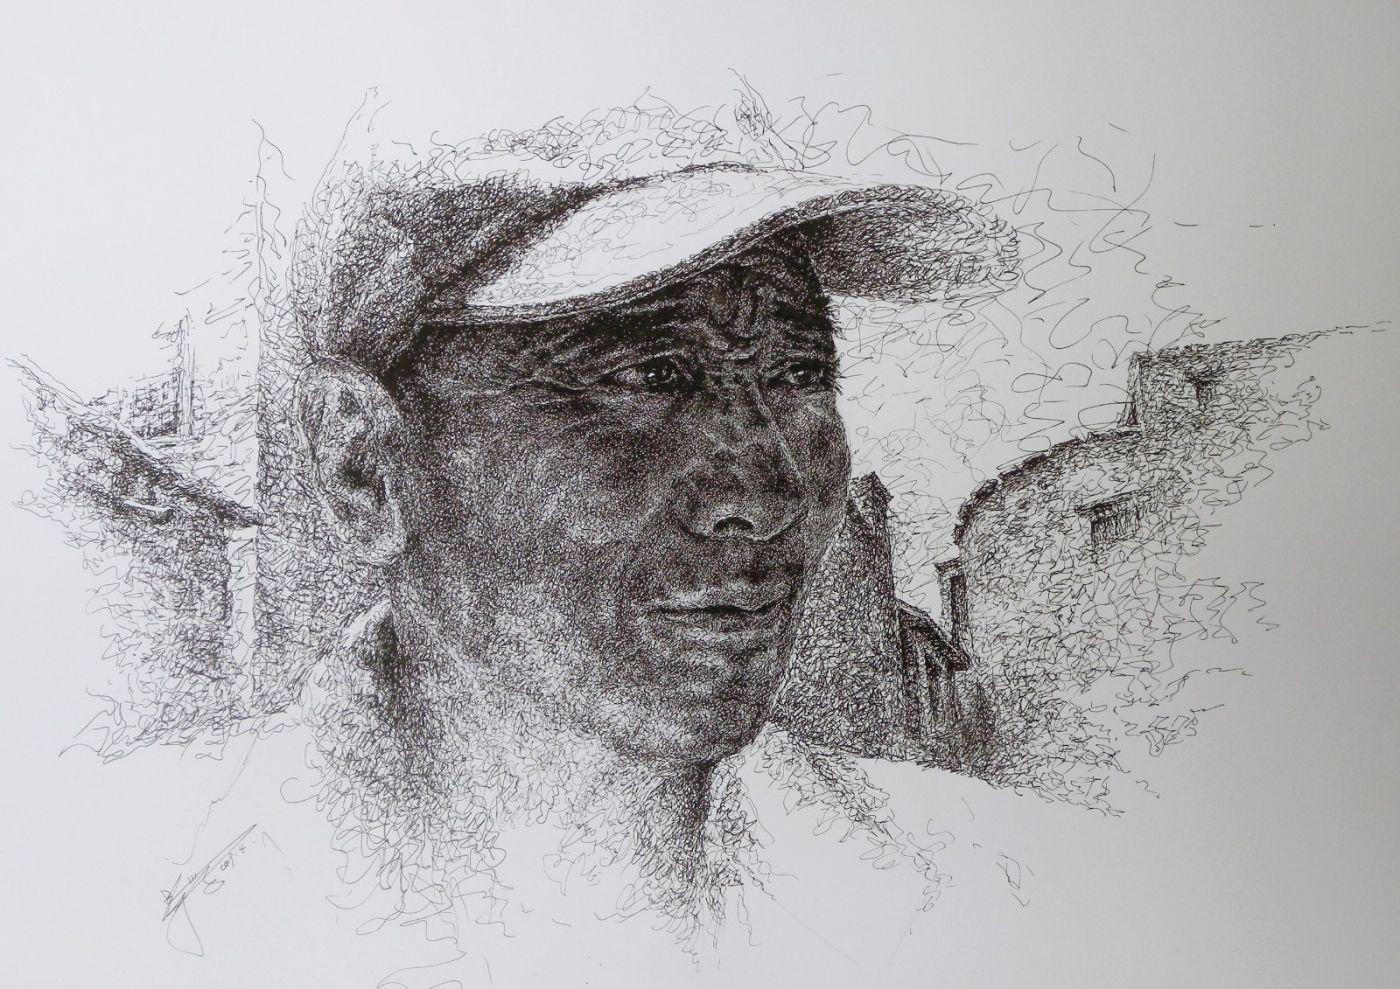 山雪钢笔画2019年全集_图1-3